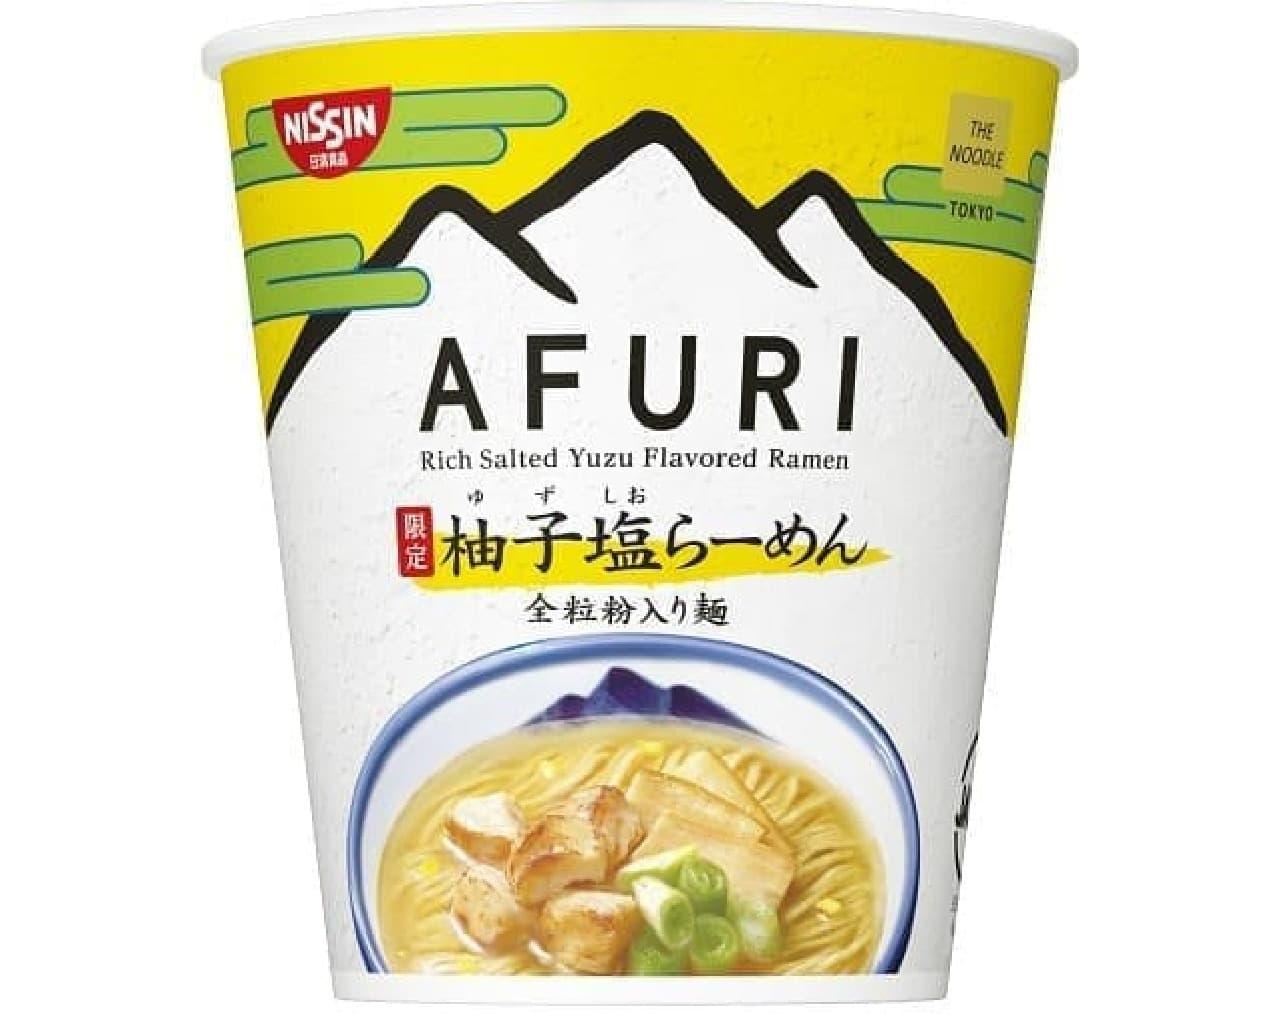 「日清 THE NOODLE TOKYO AFURI 限定柚子塩らーめん」は、東京の人気ラーメン店「AFURI」代表の中村 比呂人氏監修によるカップ麺